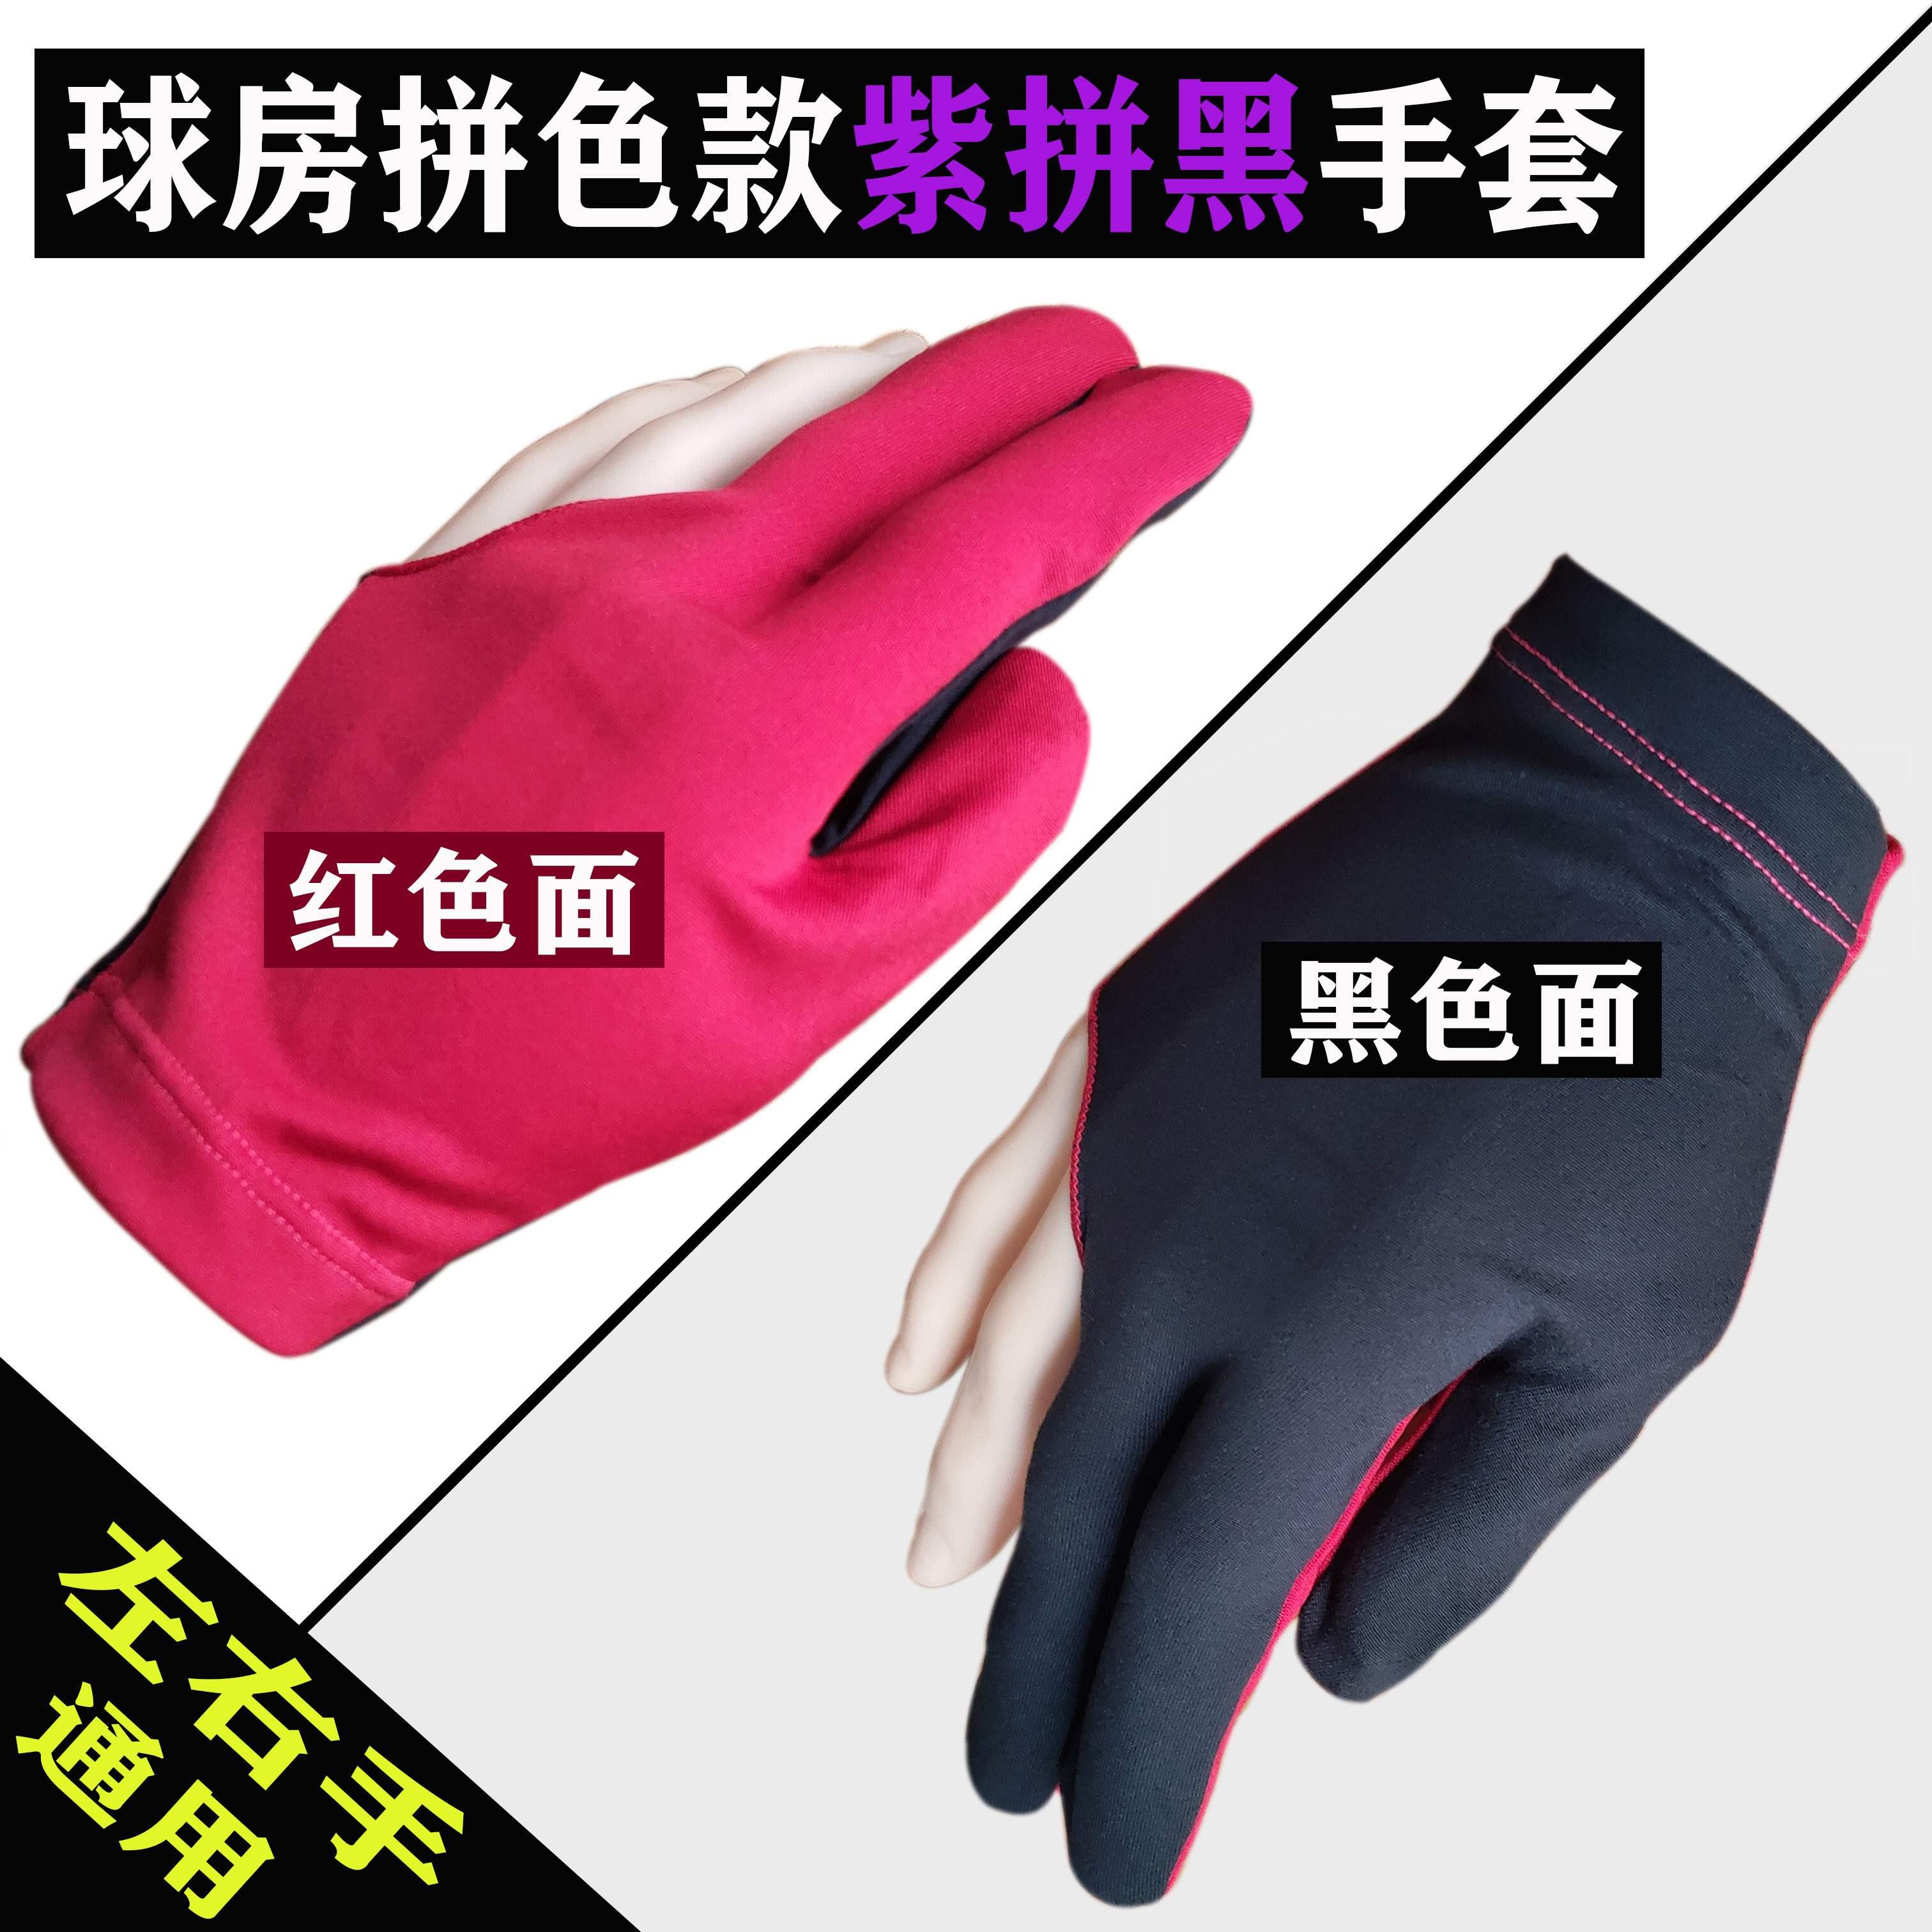 Tổng nữ găng tay bida găng tay bida ba ngón găng tay đặc biệt găng tay bida size tay trái và phải nam - Bi-a